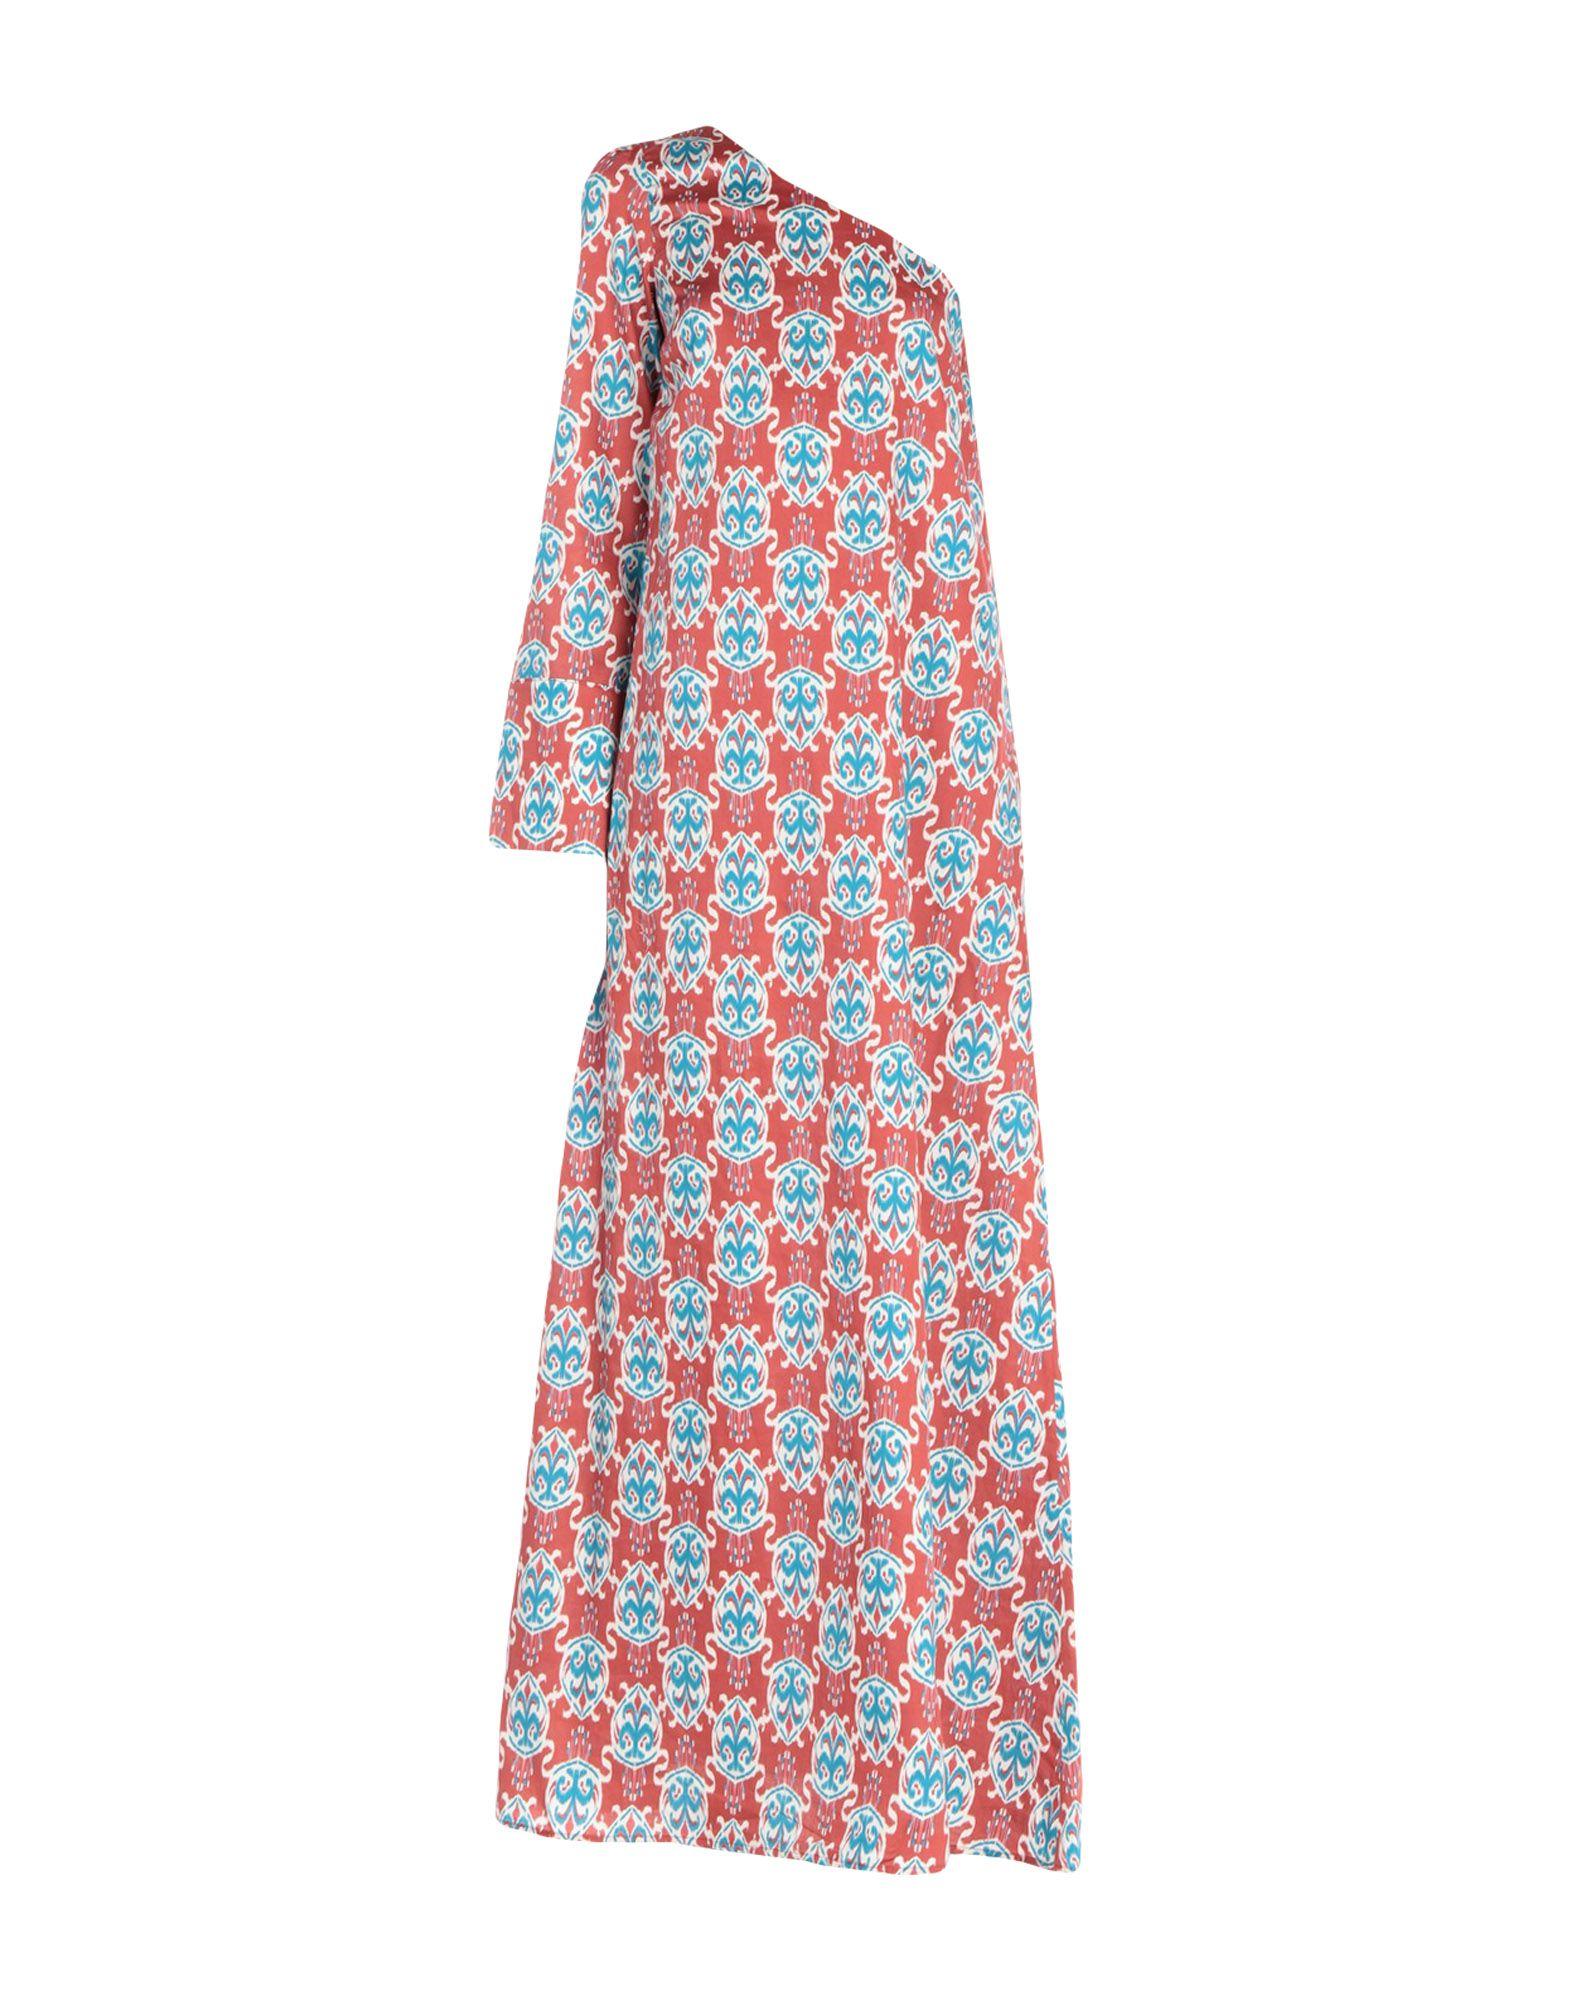 JIJIL Длинное платье 923 зима полный дрель бархат вечернее платье длинное плечо банкет тост одежды тонкий тонкий хост